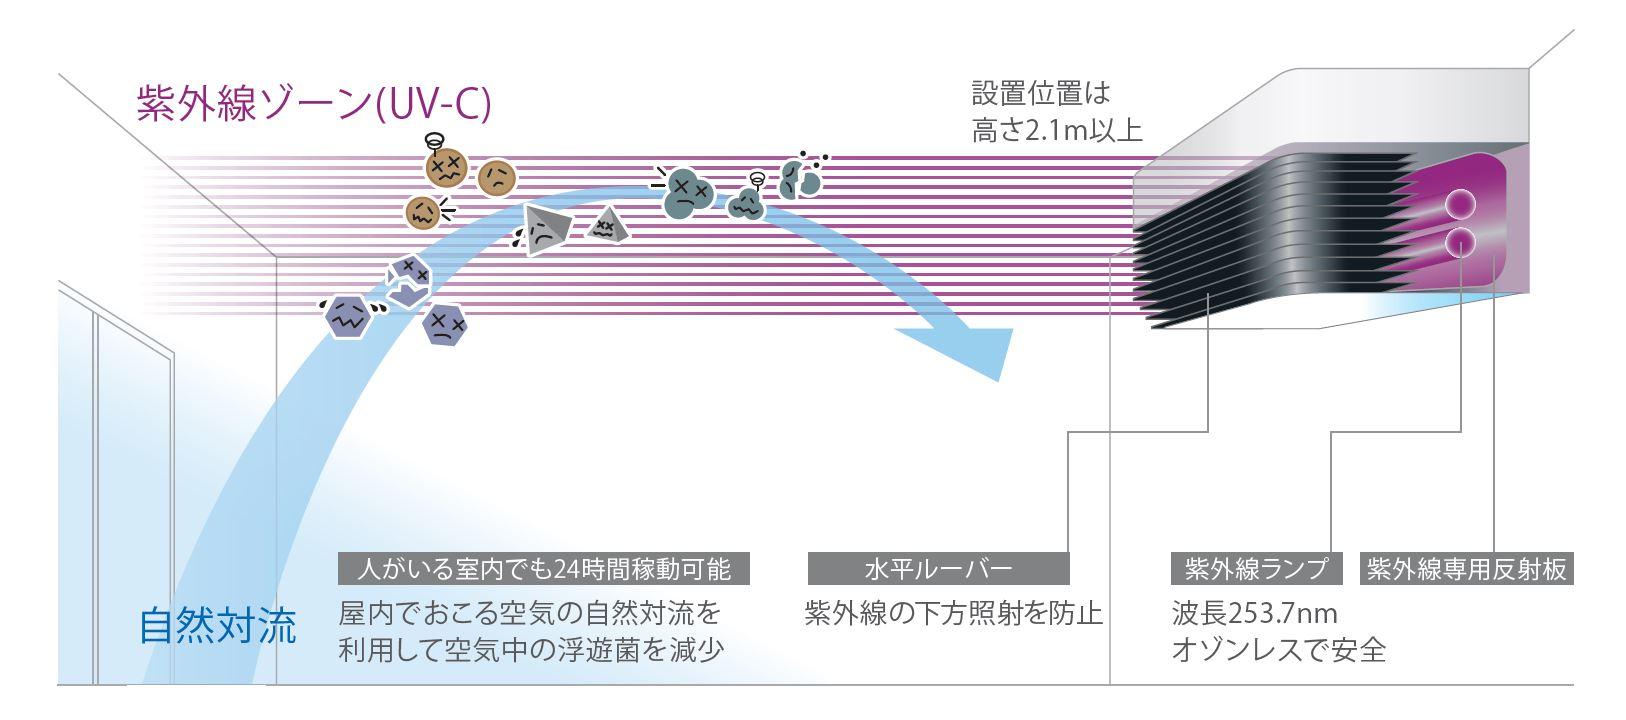 紫外線照射装置 「エアロシールド」 について